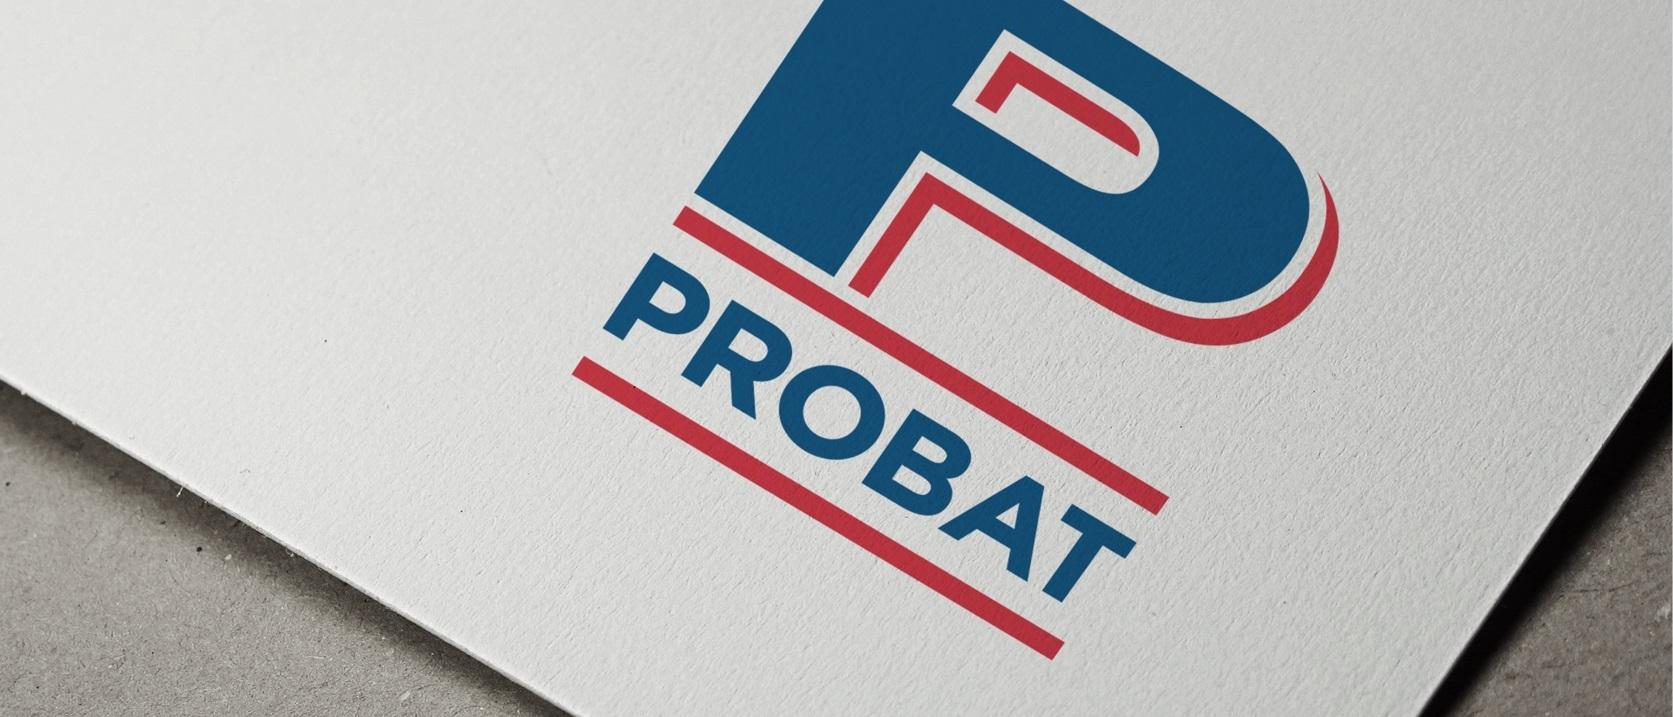 PROBAT Bau: Corporate Design & Employer Branding - Markenbildung & Positionierung